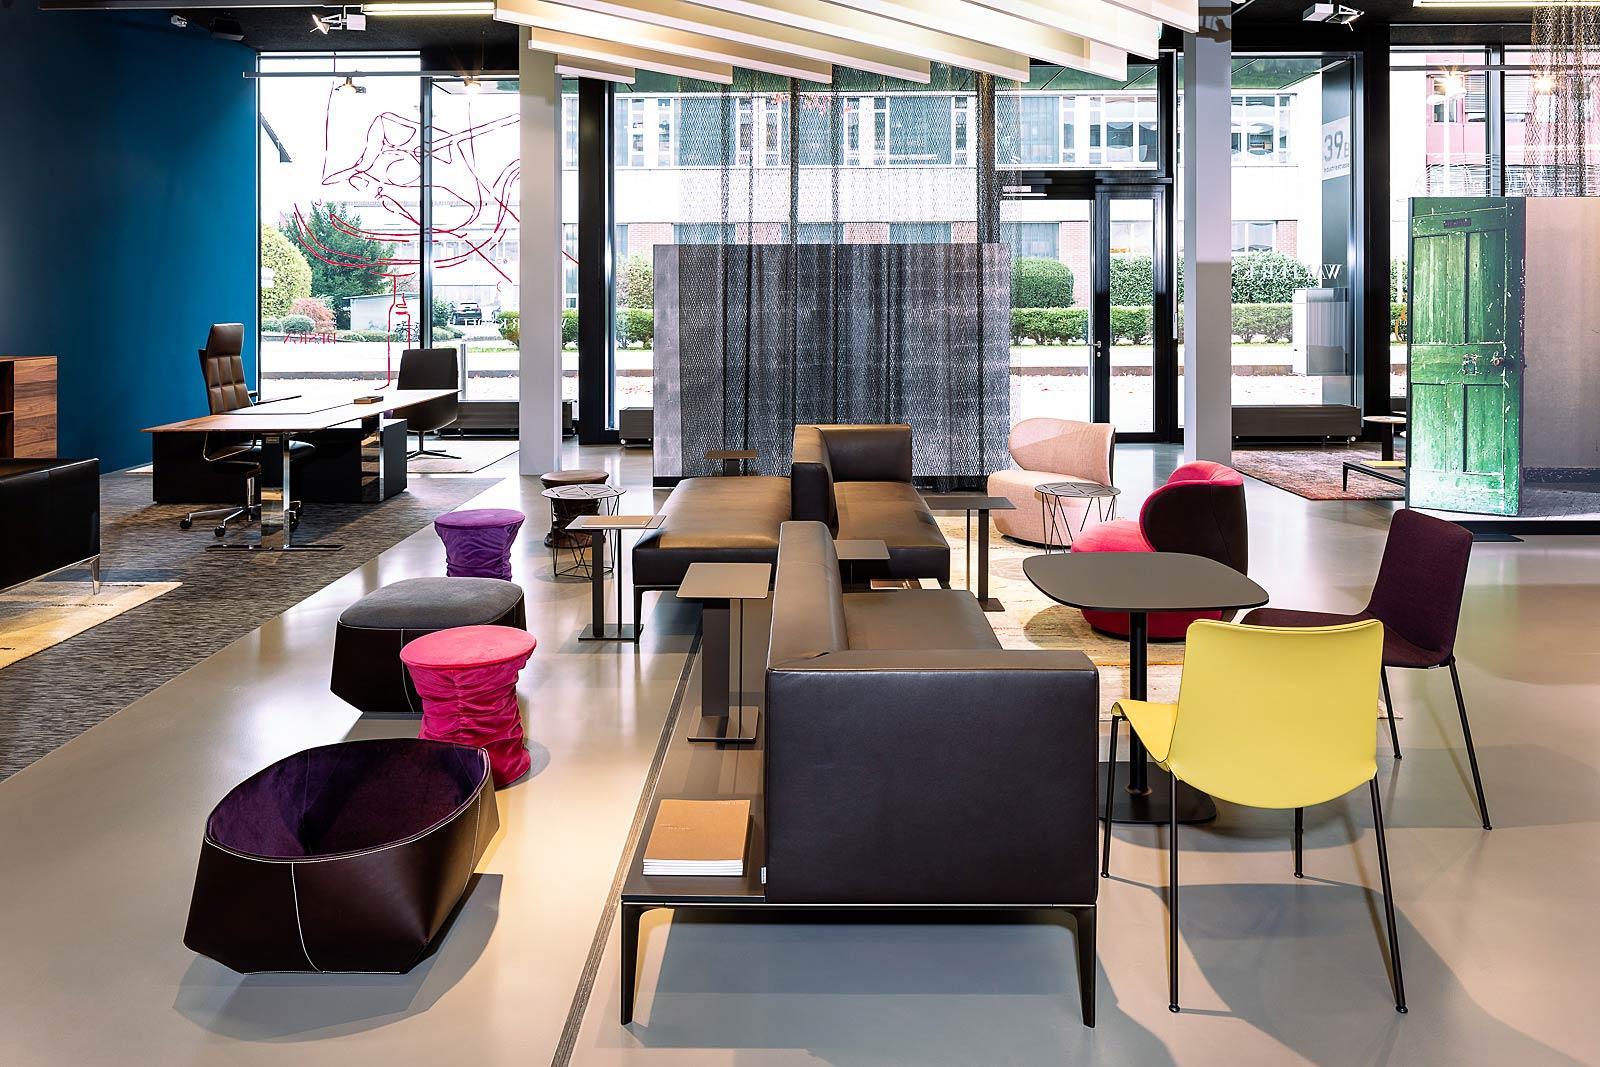 Architekturfotografie Innenraum, Ansicht, neuer Showroom von Walter Knoll in Zürich, Interior Fotografie